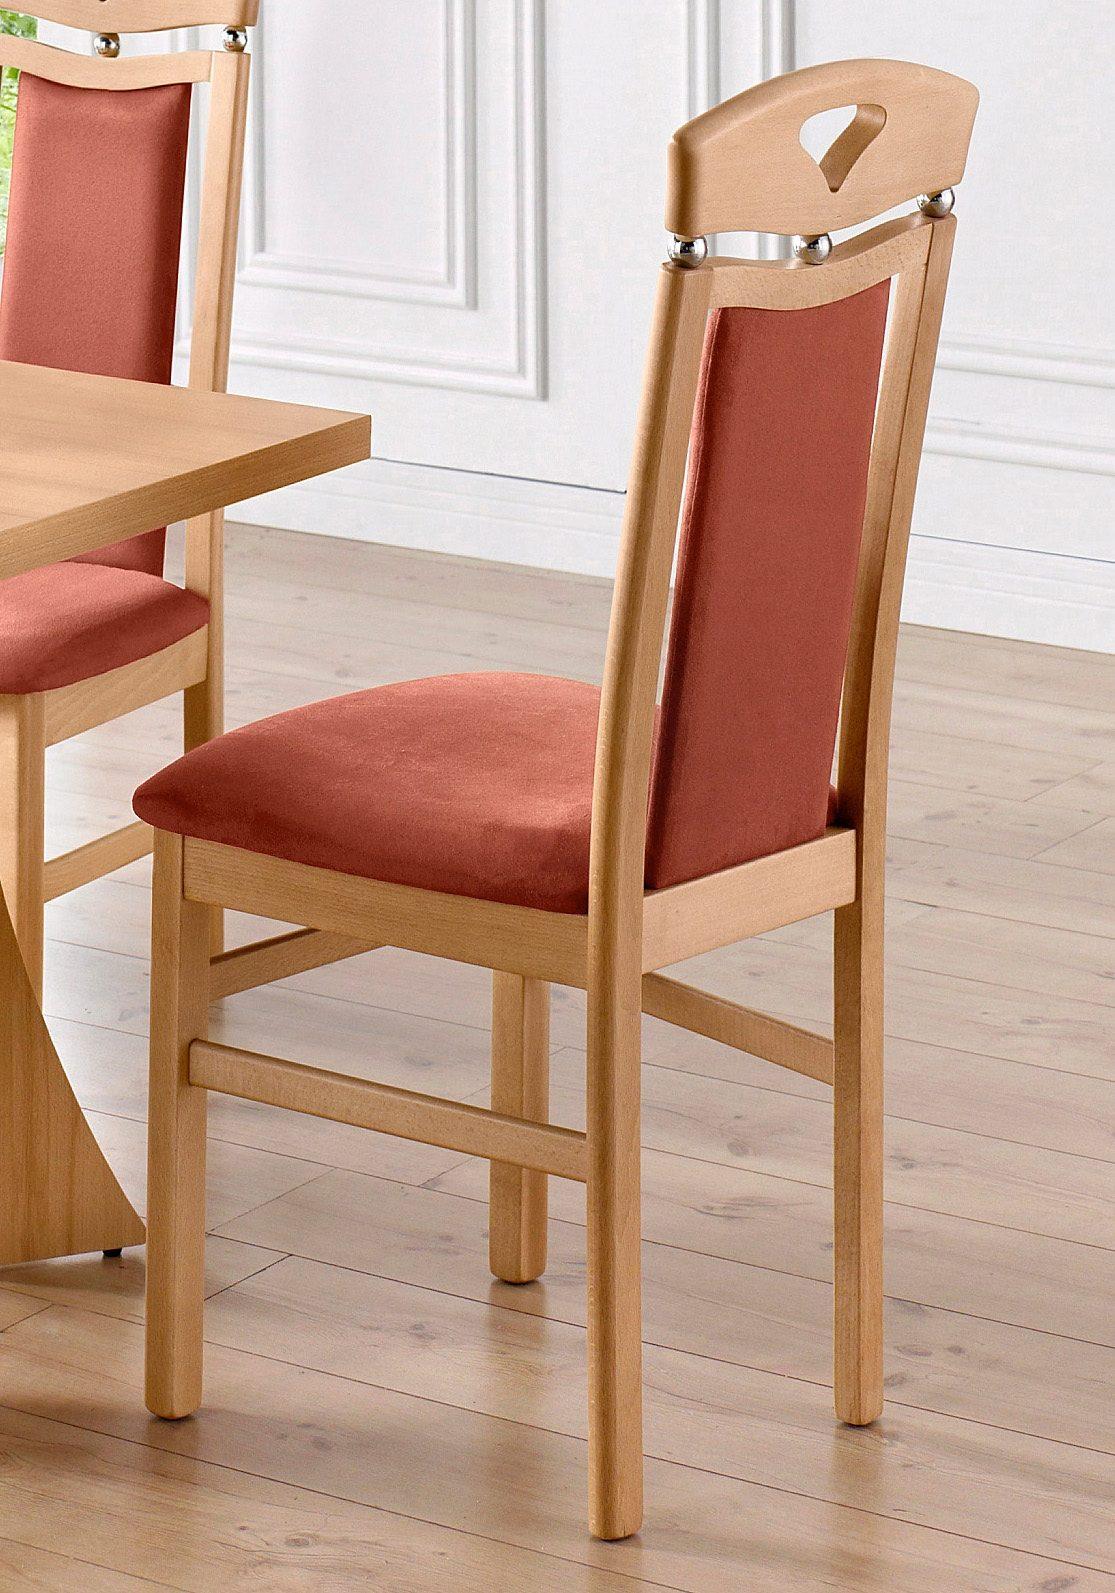 Kaufen 4 Modernamp; Stühle Online Fuß » KlassischOtto DY2IWEH9